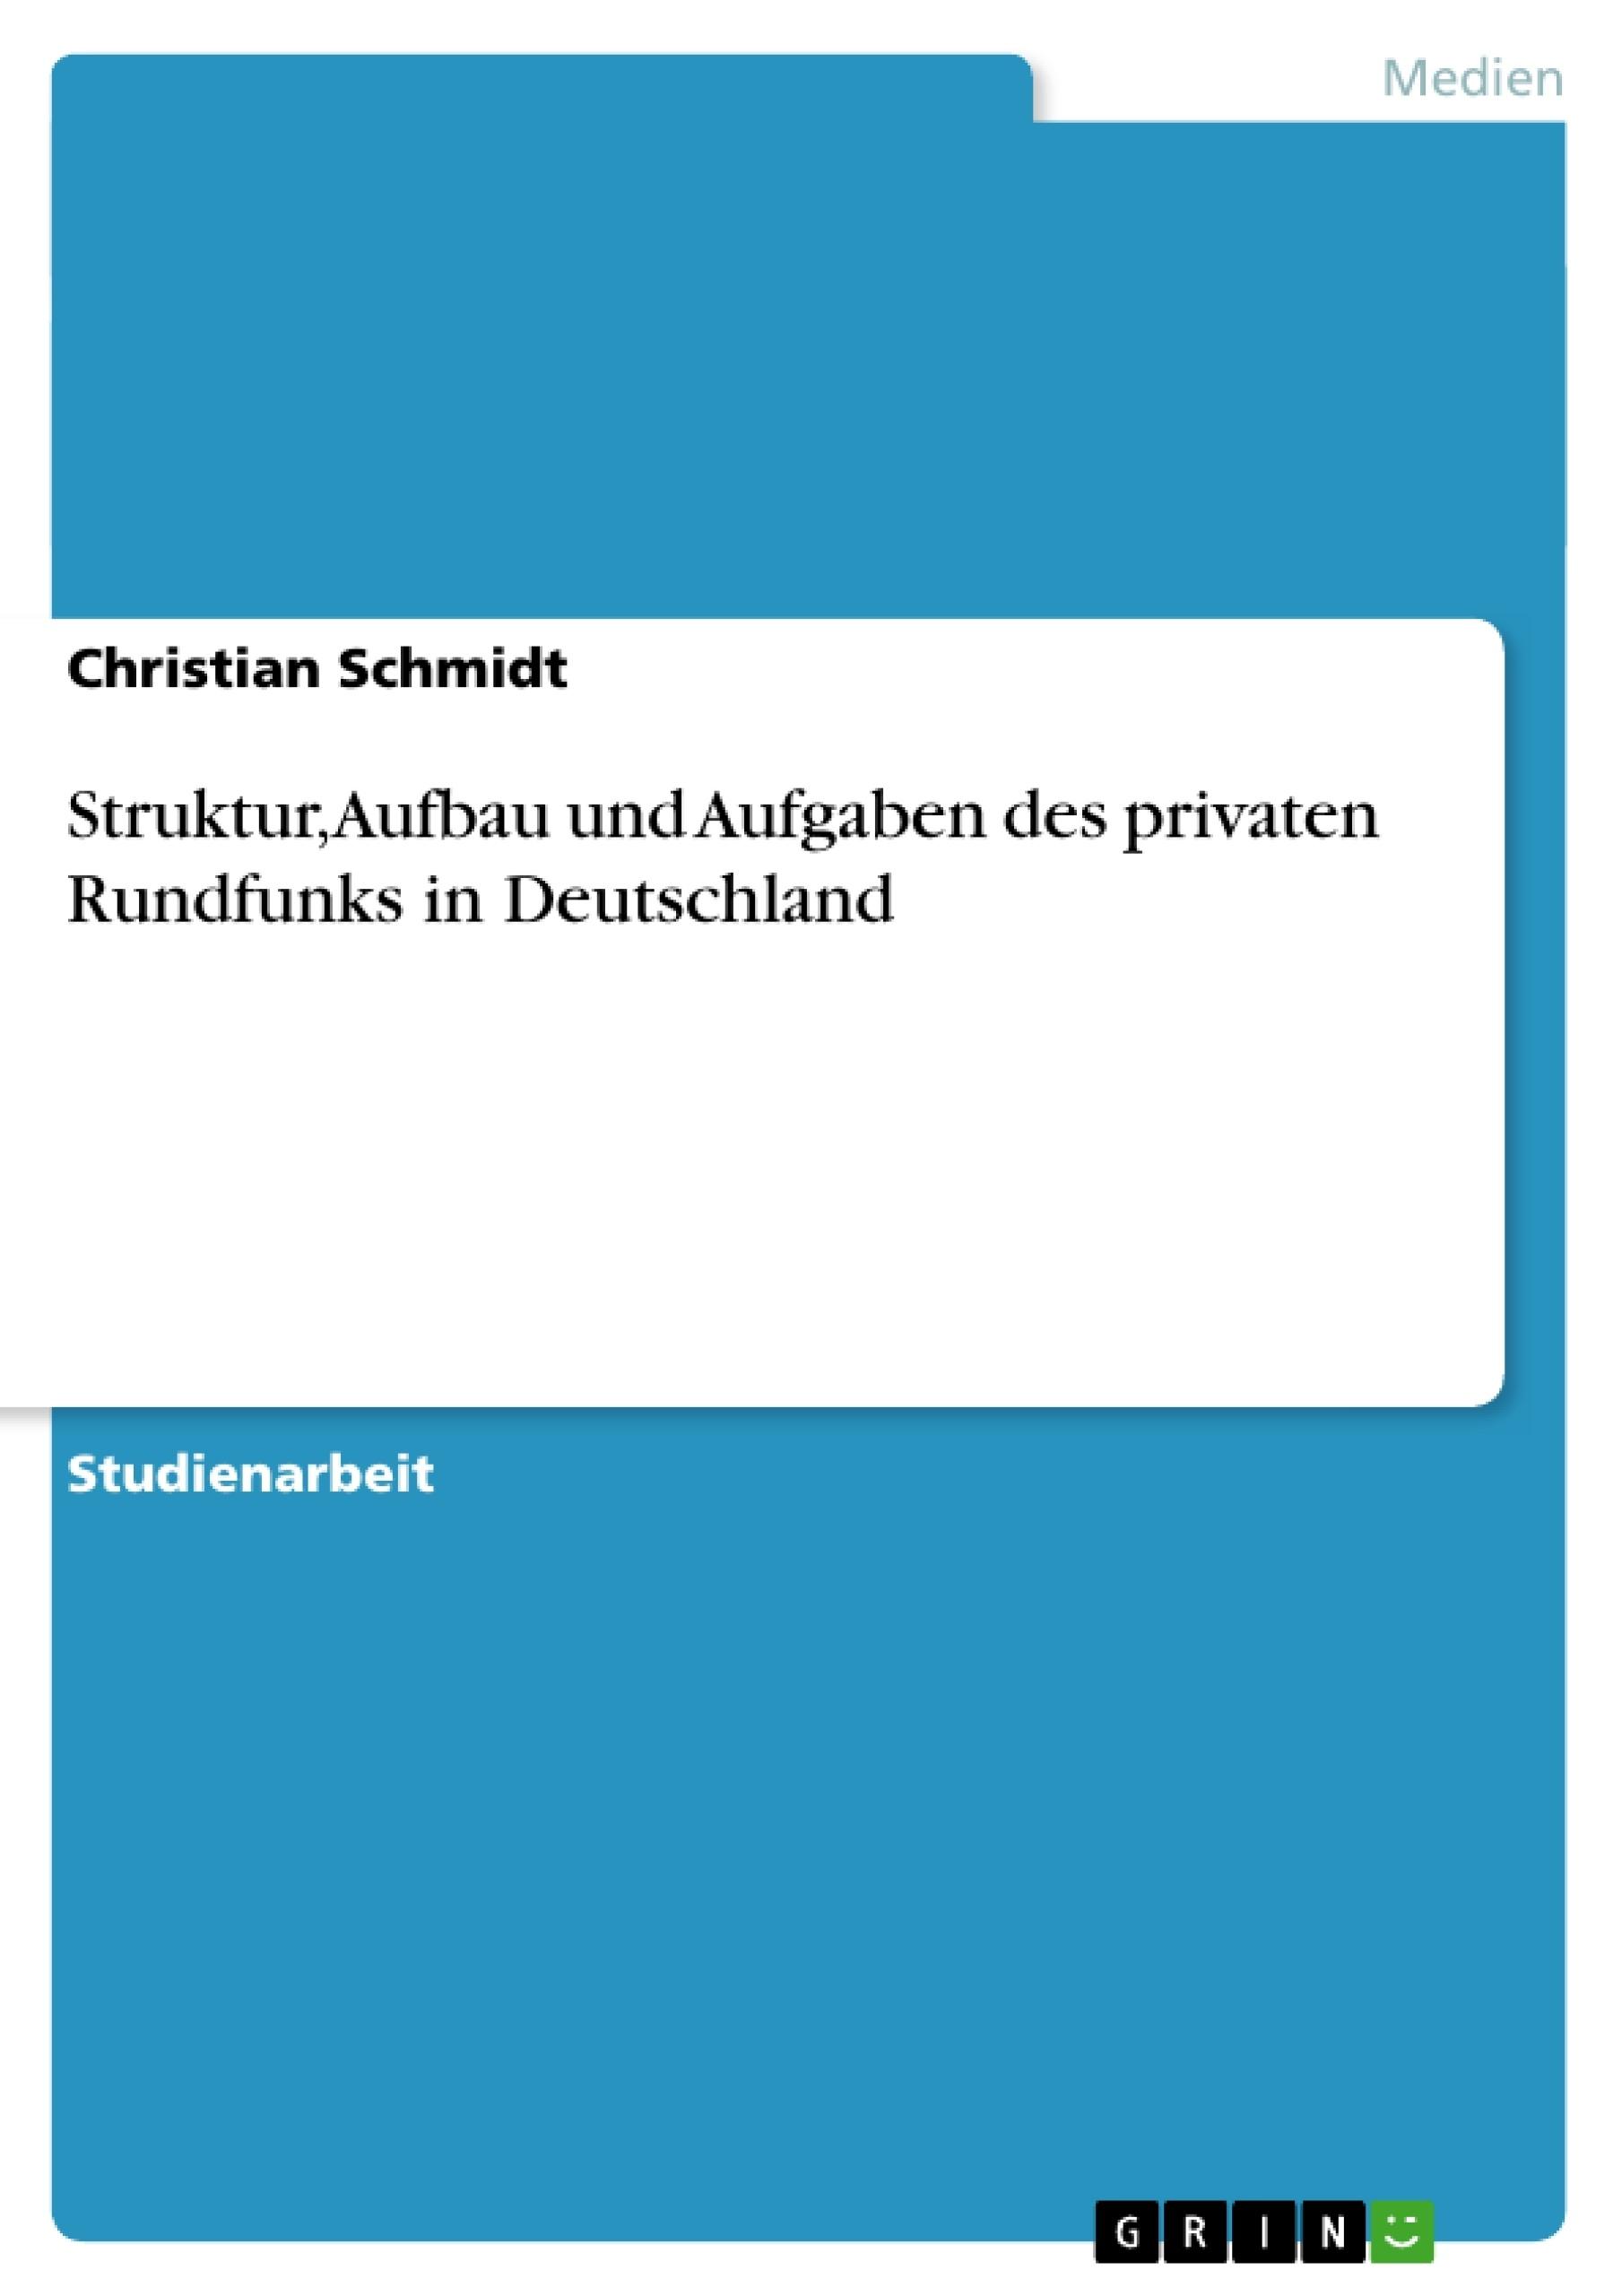 Titel: Struktur, Aufbau und Aufgaben des privaten Rundfunks in Deutschland